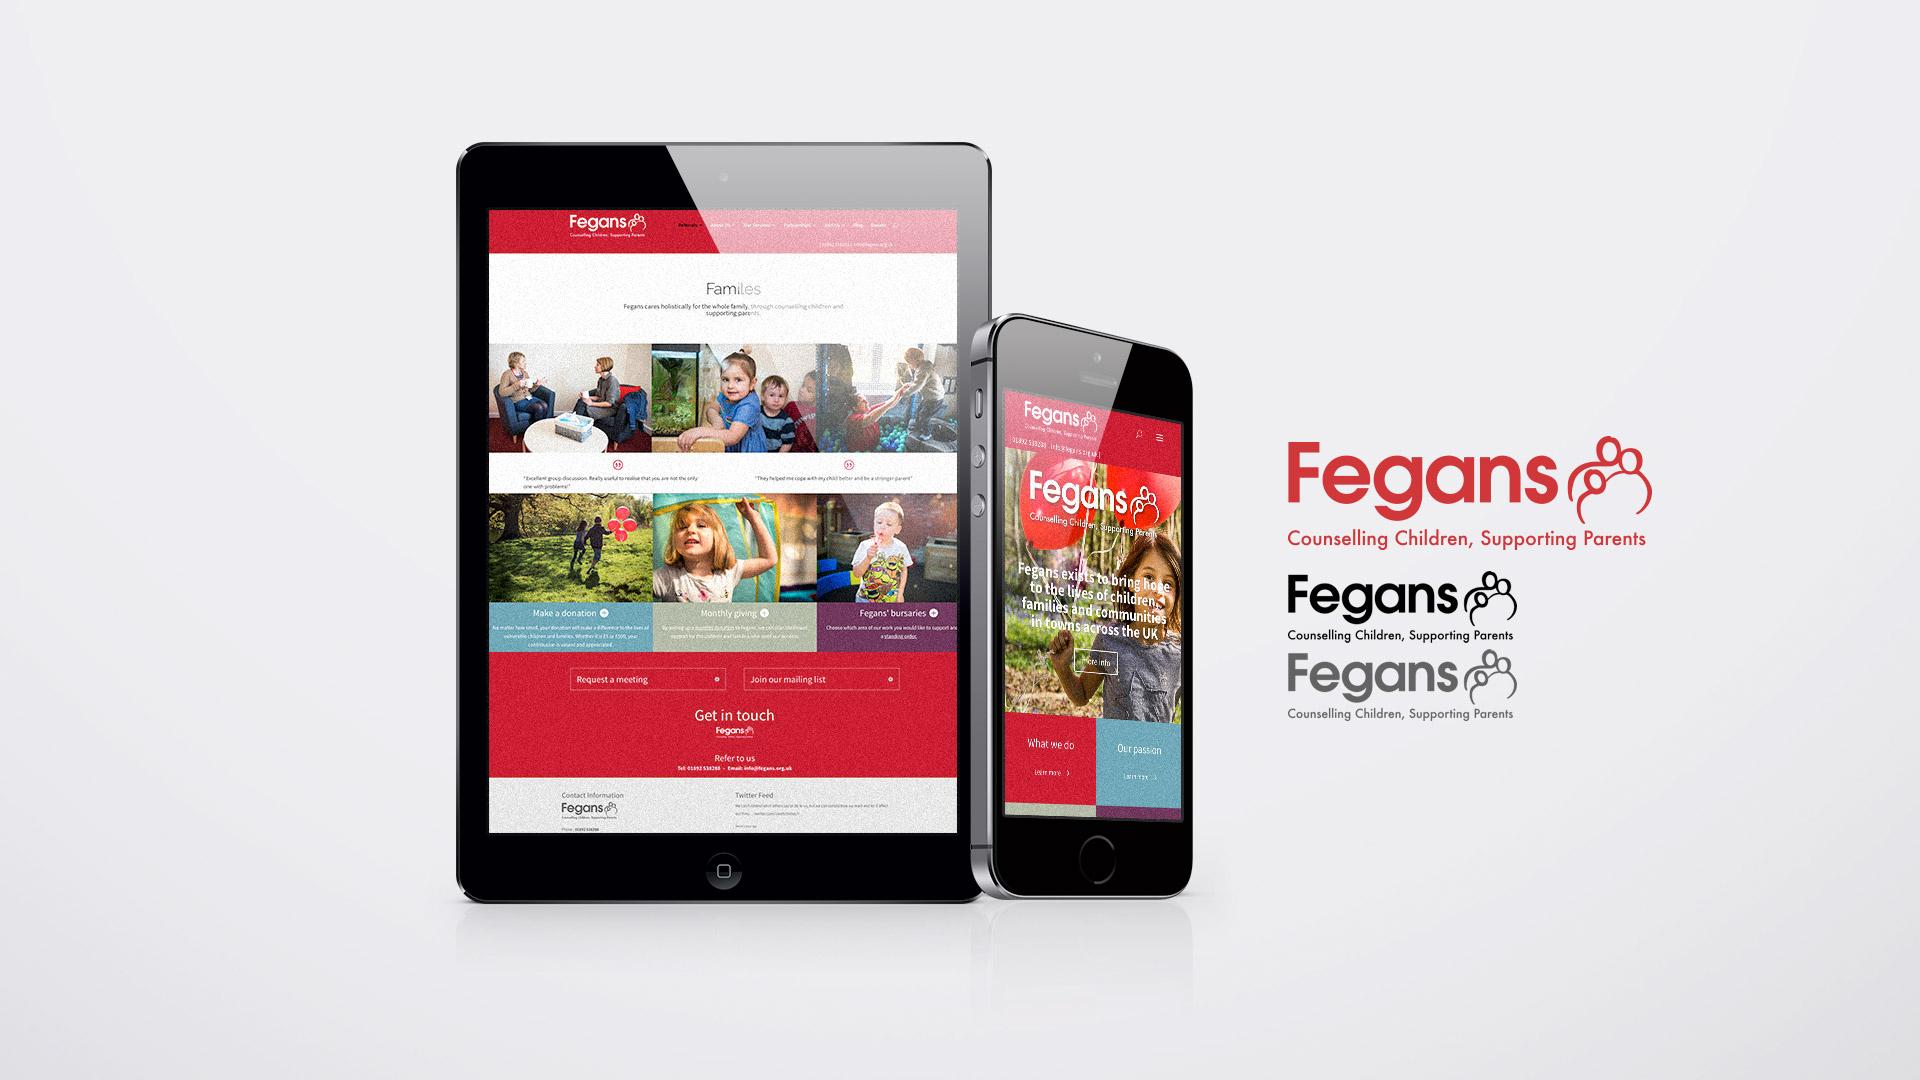 Fegans4